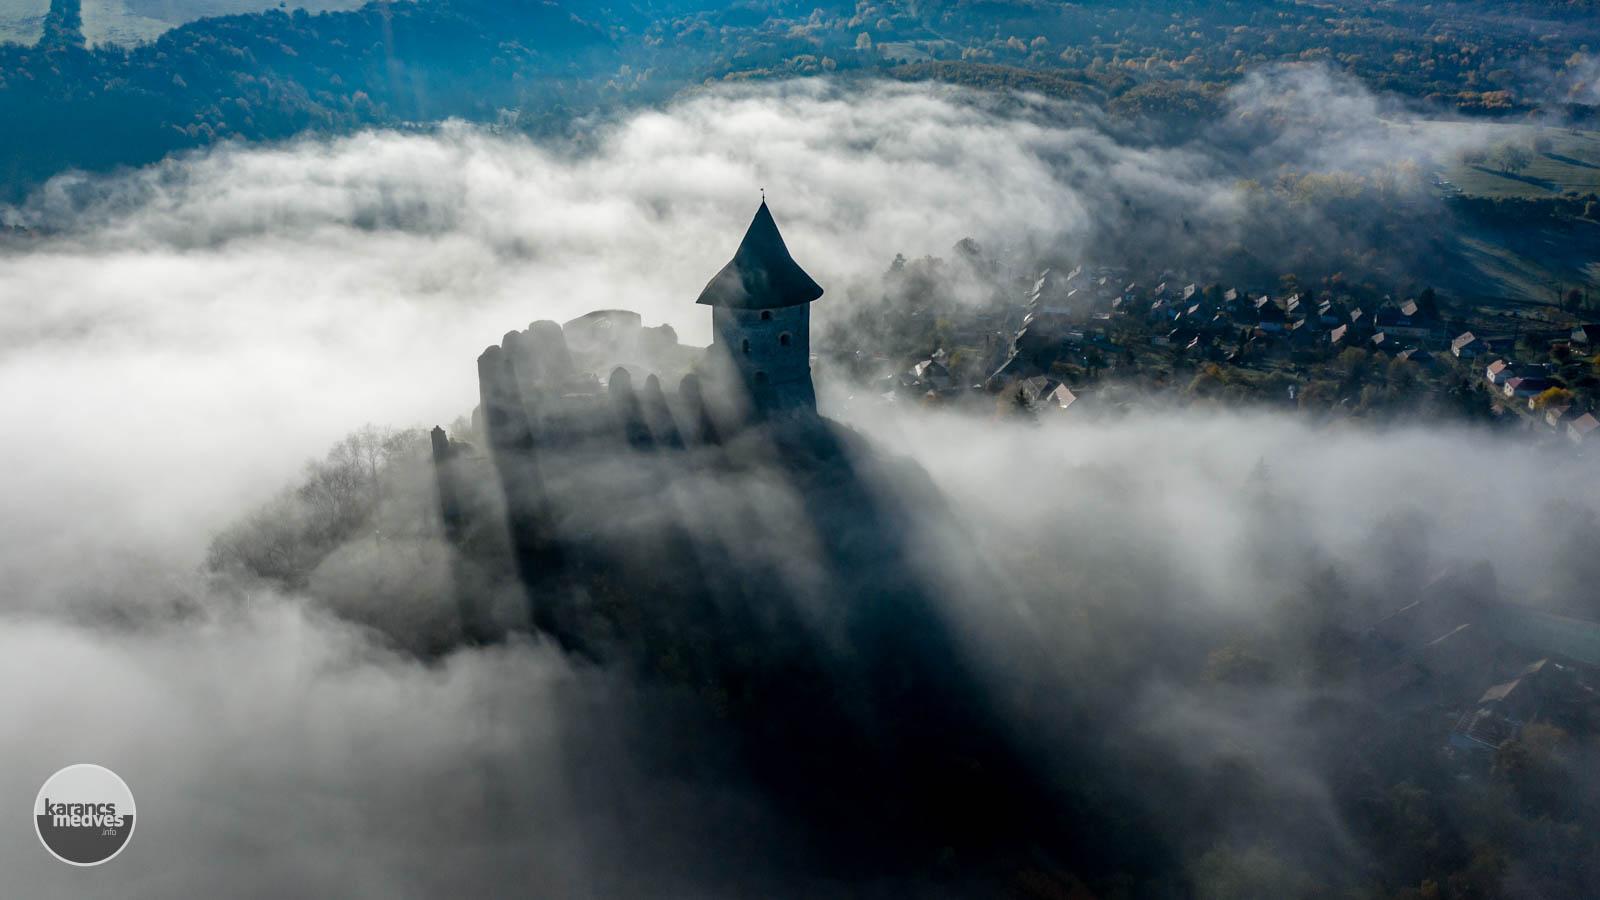 Őszi ködben Somoskő vára (karancs-medves.info fotó: Komka Péter)